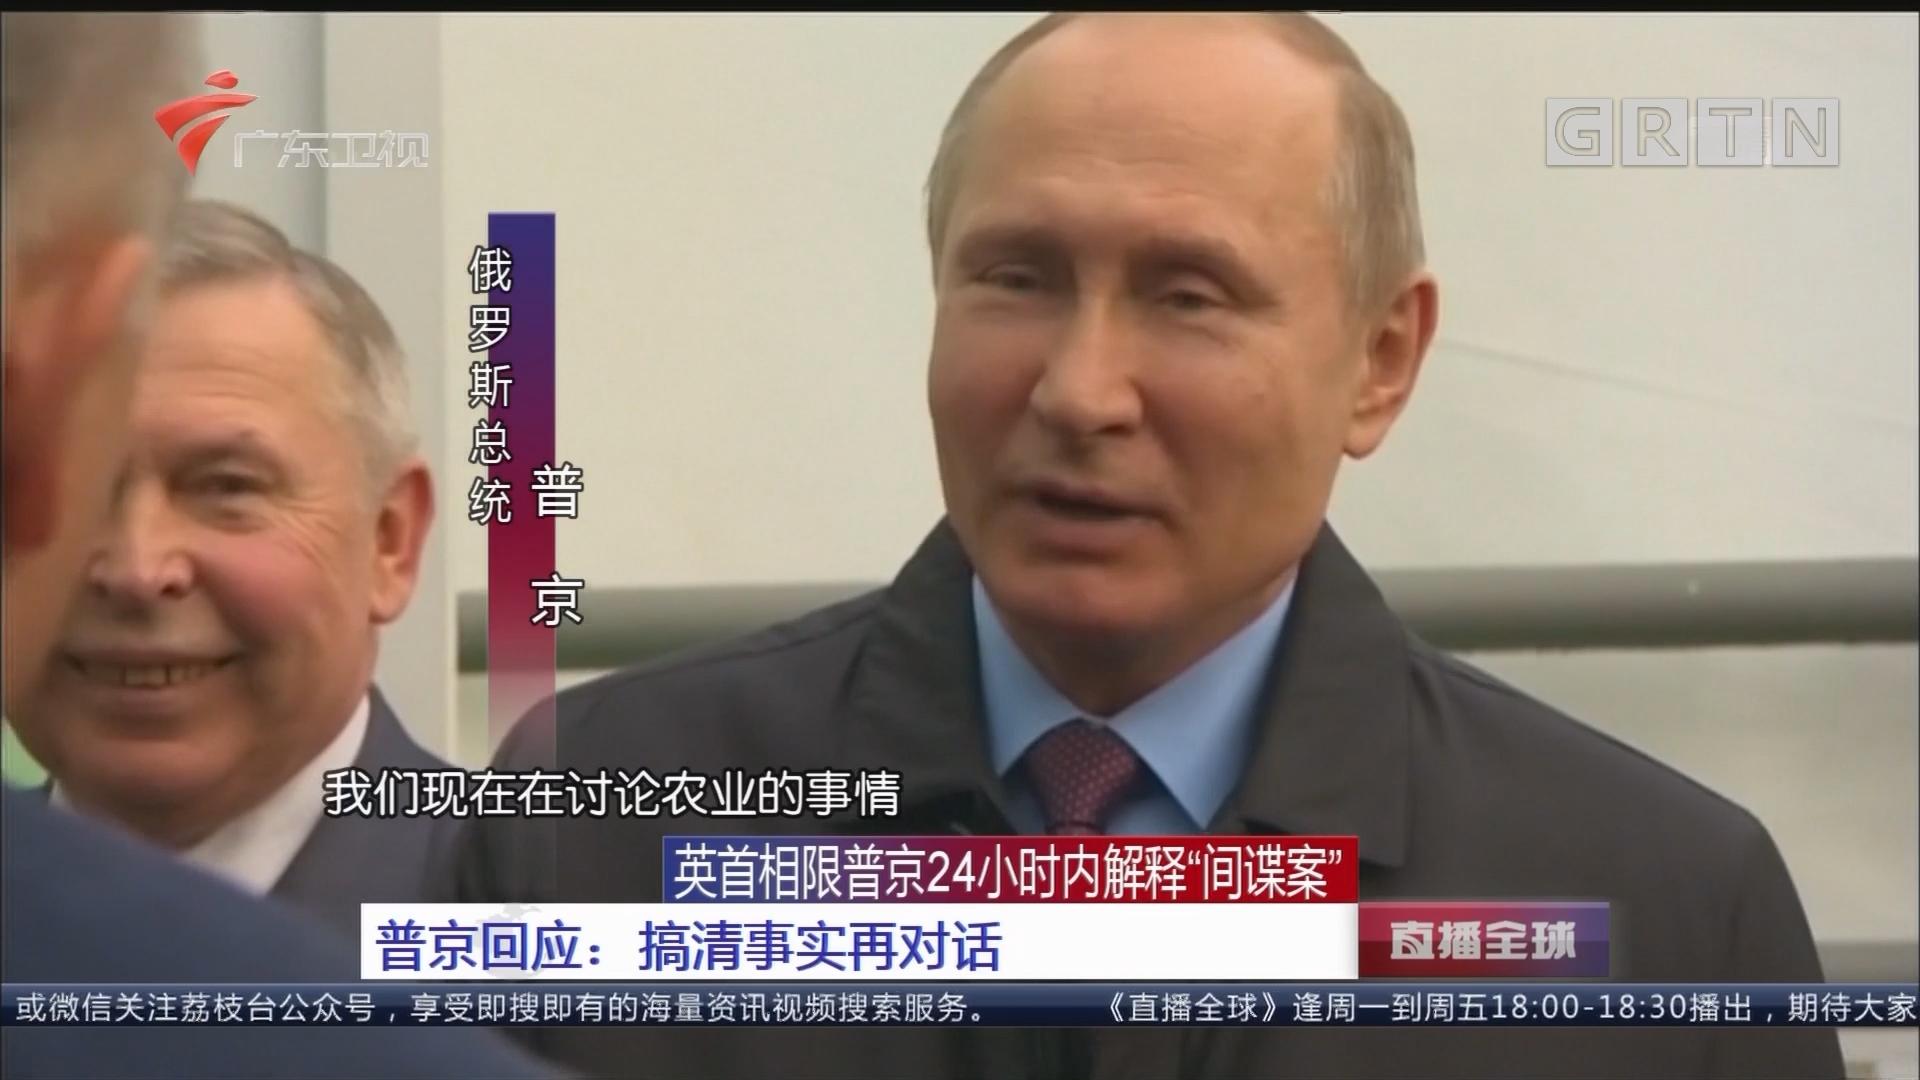 """英首相限普京24小时内解释""""间谍案"""" 普京回应:搞清事实再对话"""